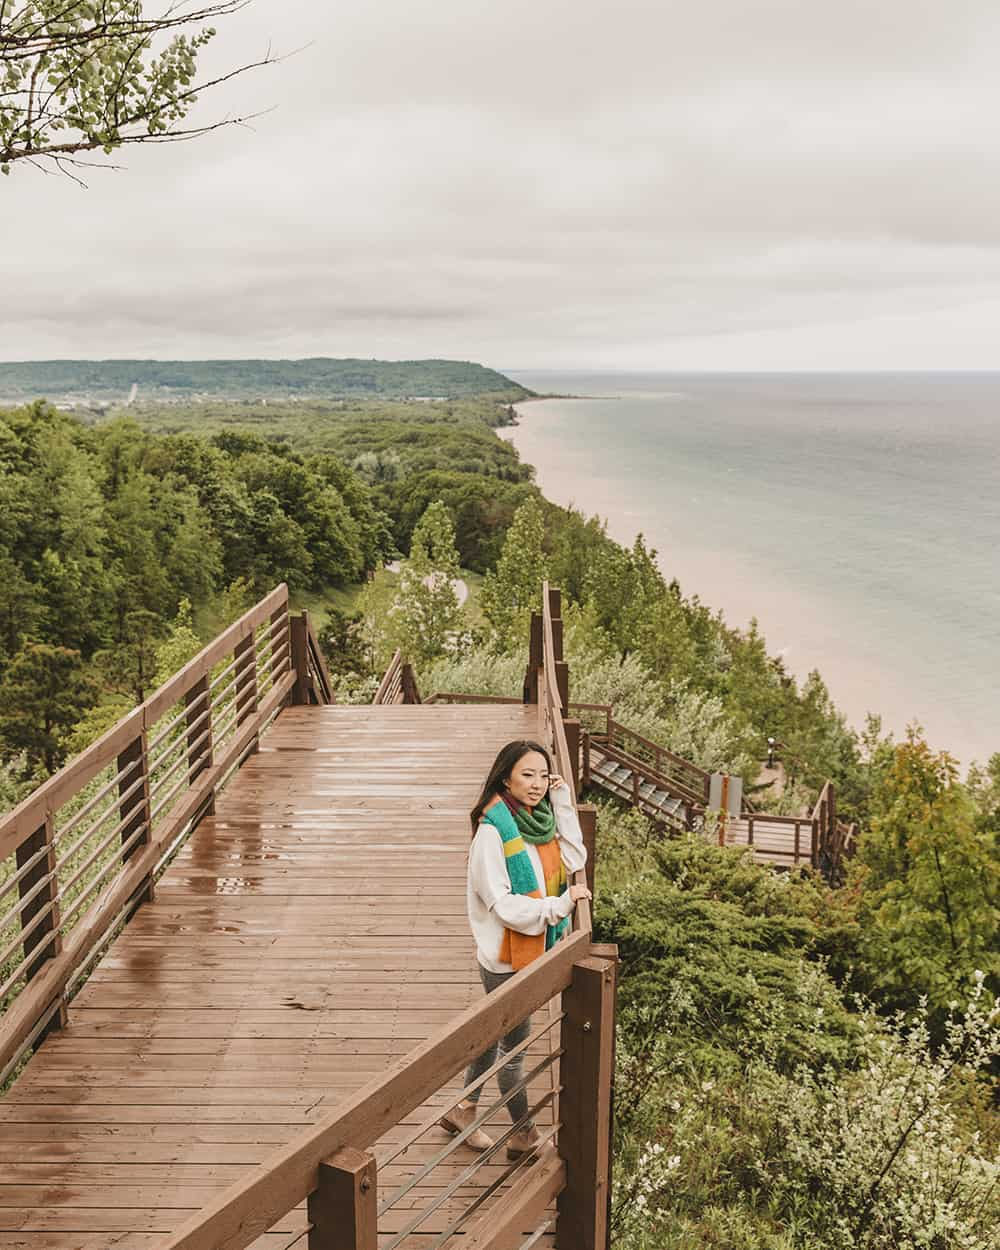 Arcadia Overlook in Manistee, Michigan